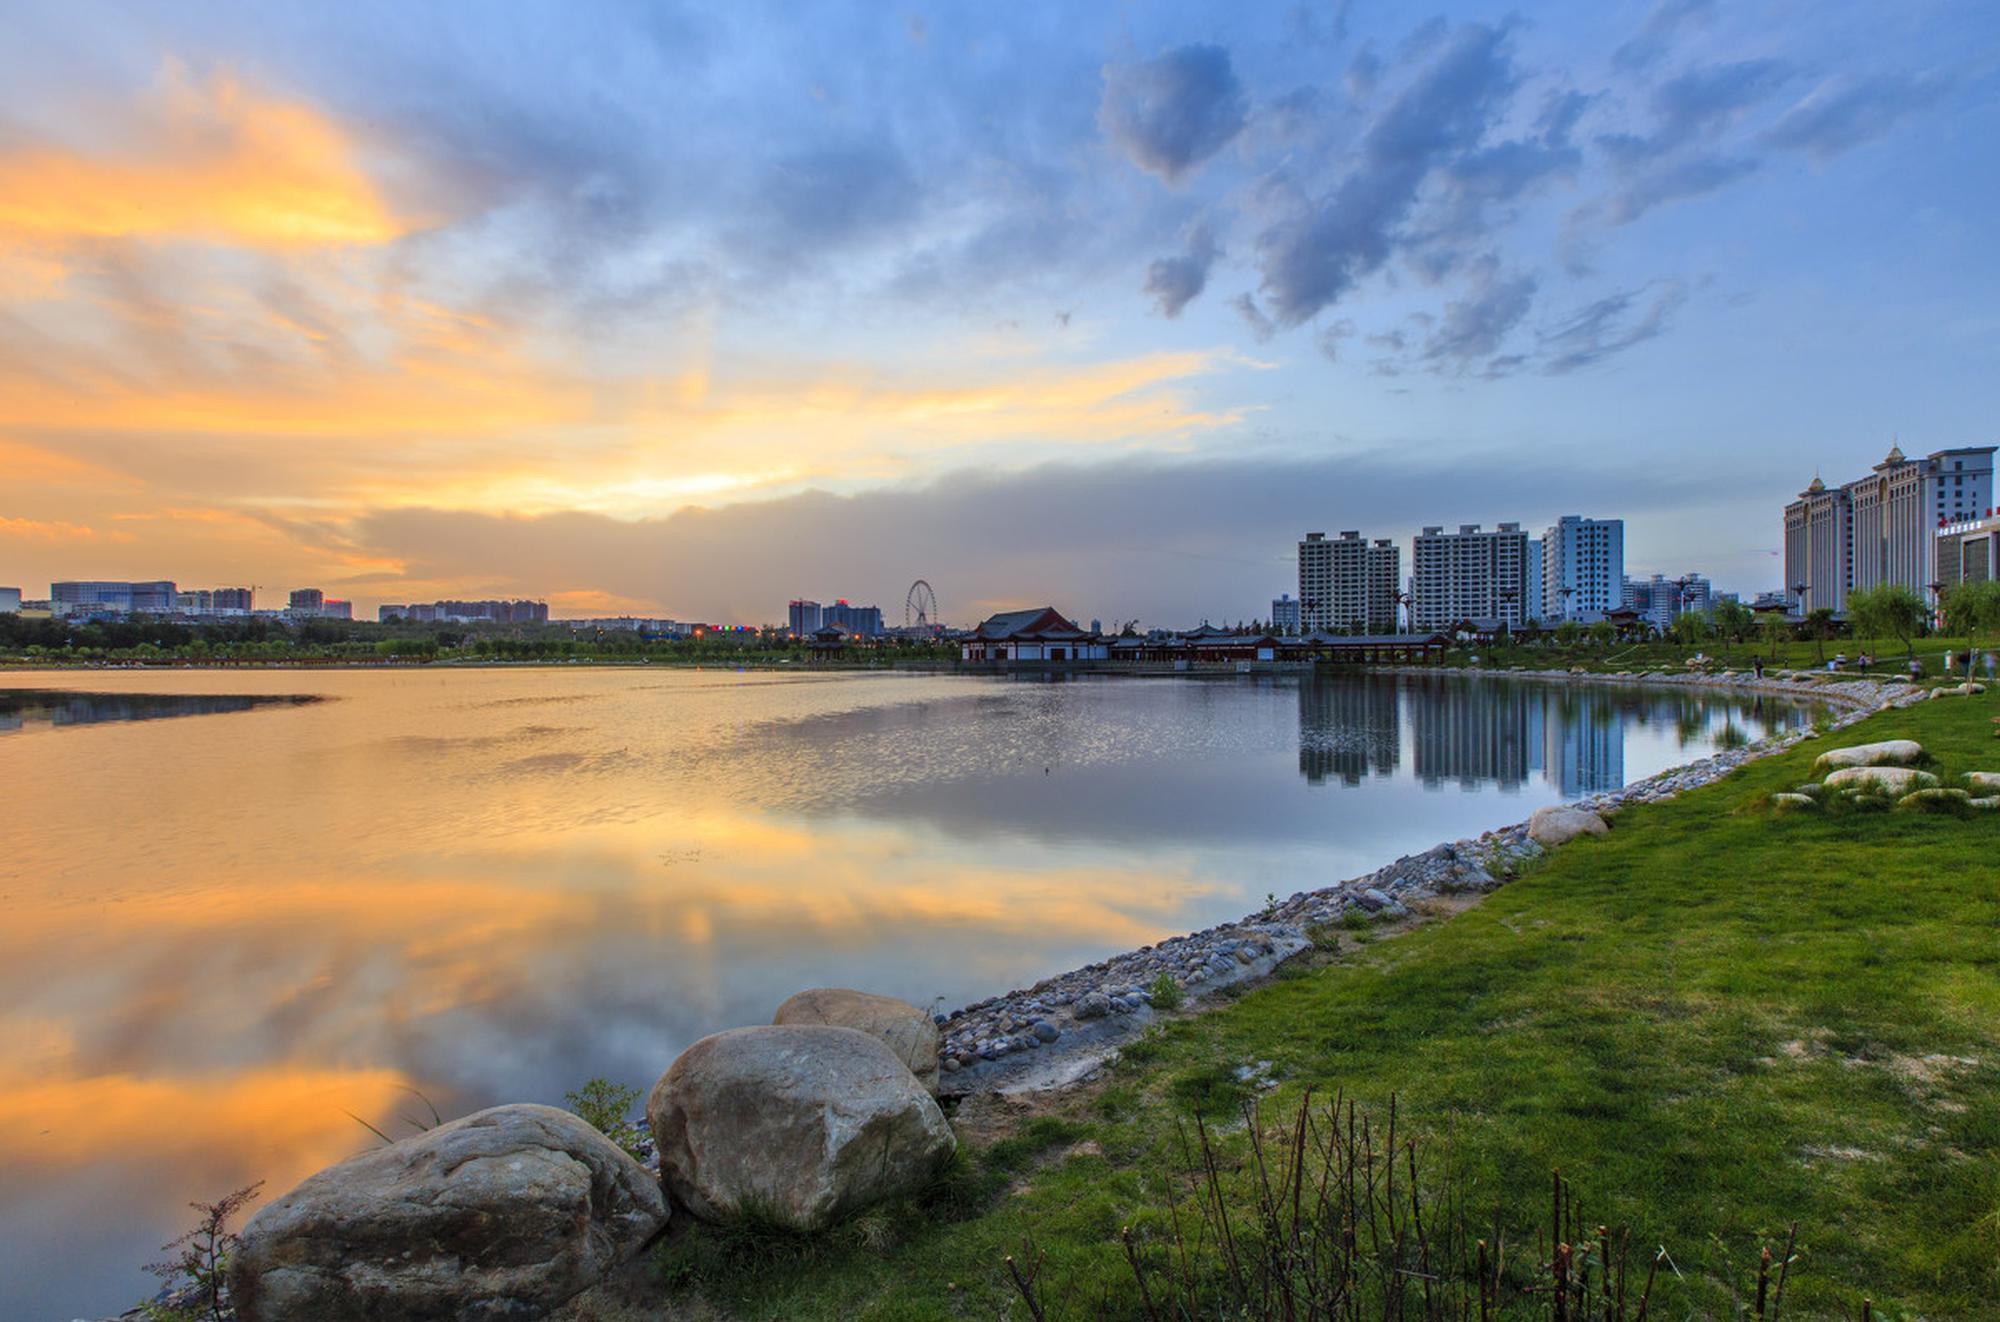 中科院计划在陕西榆林投建亚临界水储热供暖示范项目